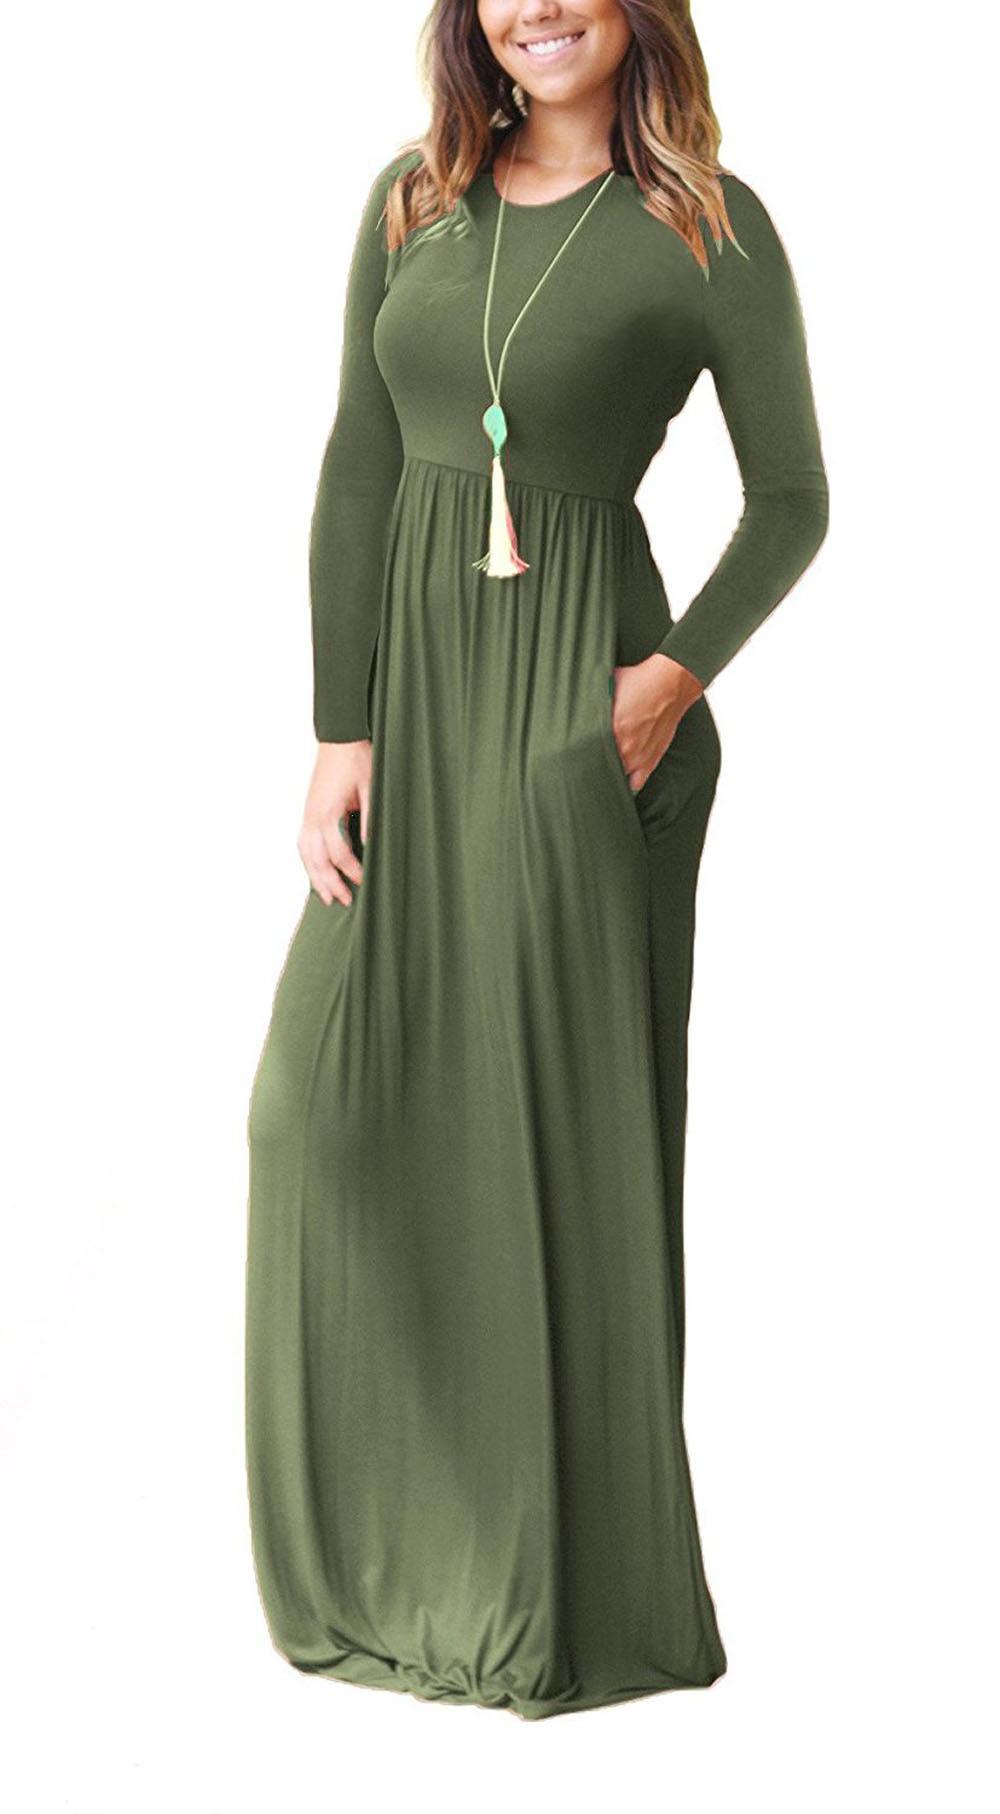 95ff0c79c917 Primavera autunno vestito di maternità per le donne incinte vestiti o-collo  solido maxi vestito gravidanza abiti Gravida abbigliamento taglia S-2XL